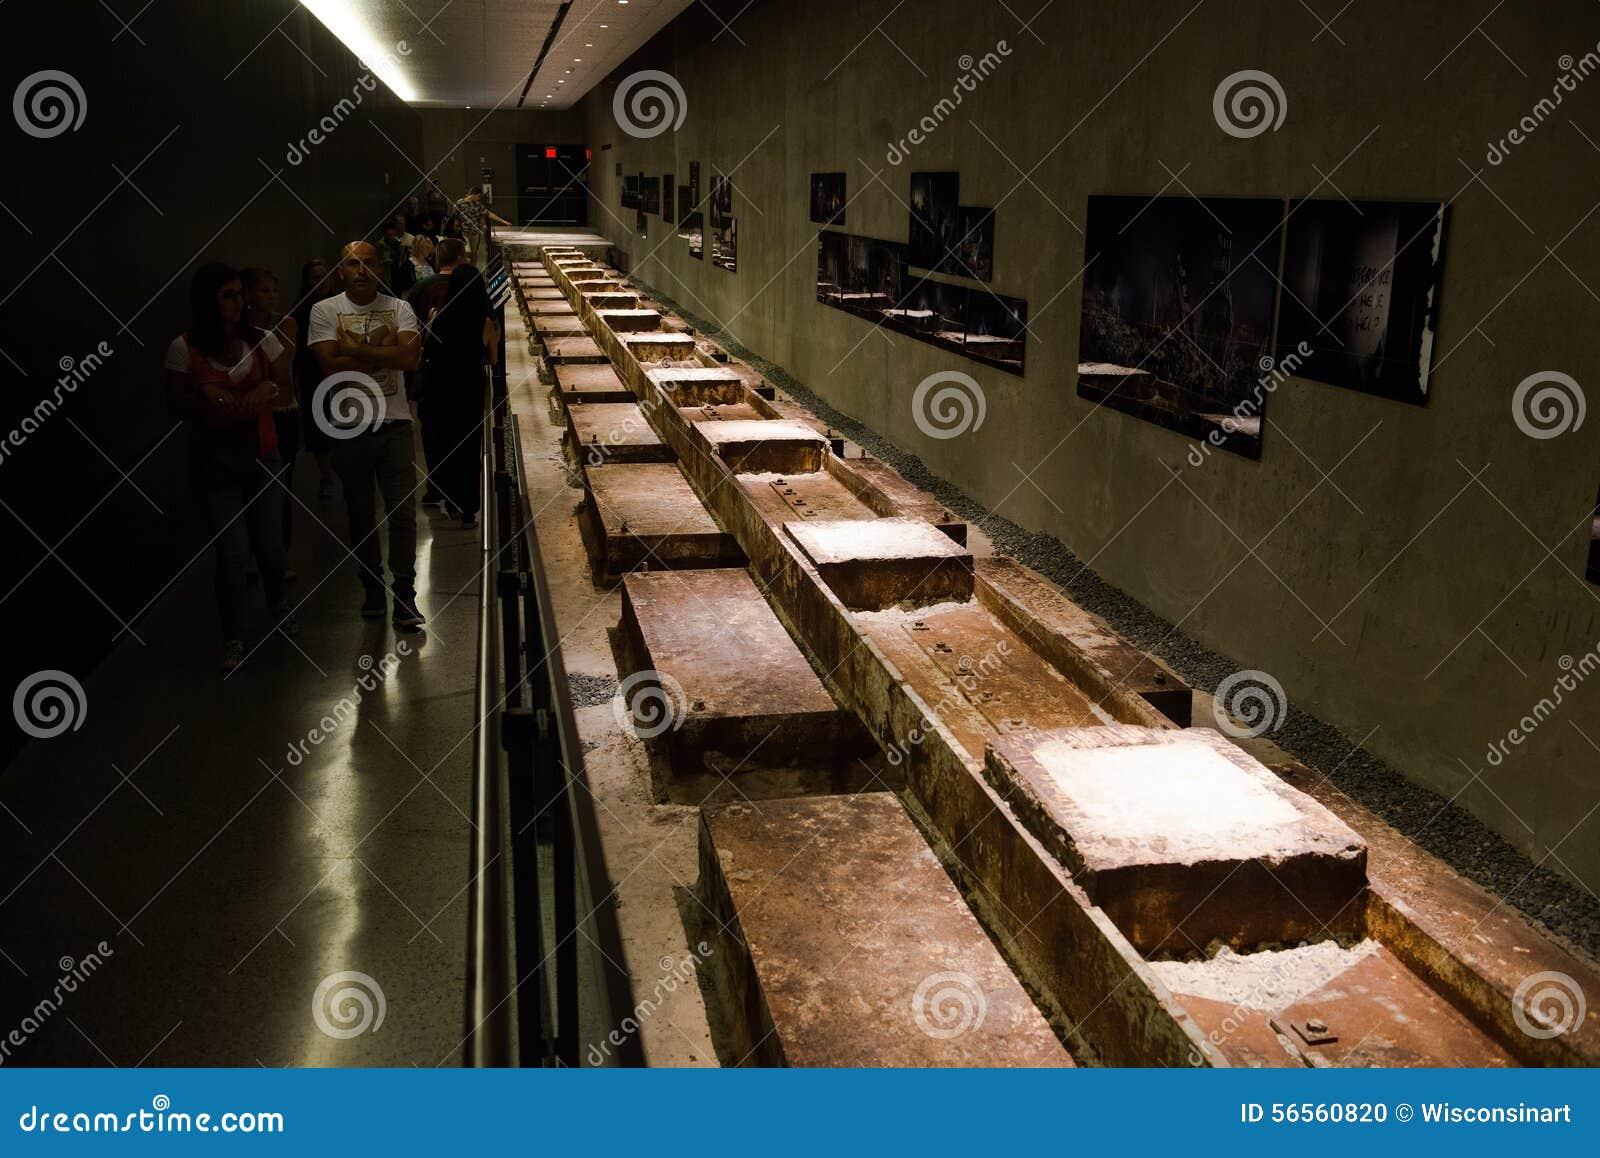 Download 9 11 αναμνηστικό μουσείο Νέα Υόρκη Εκδοτική εικόνα - εικόνα από χάλυβας, εμπόριο: 56560820